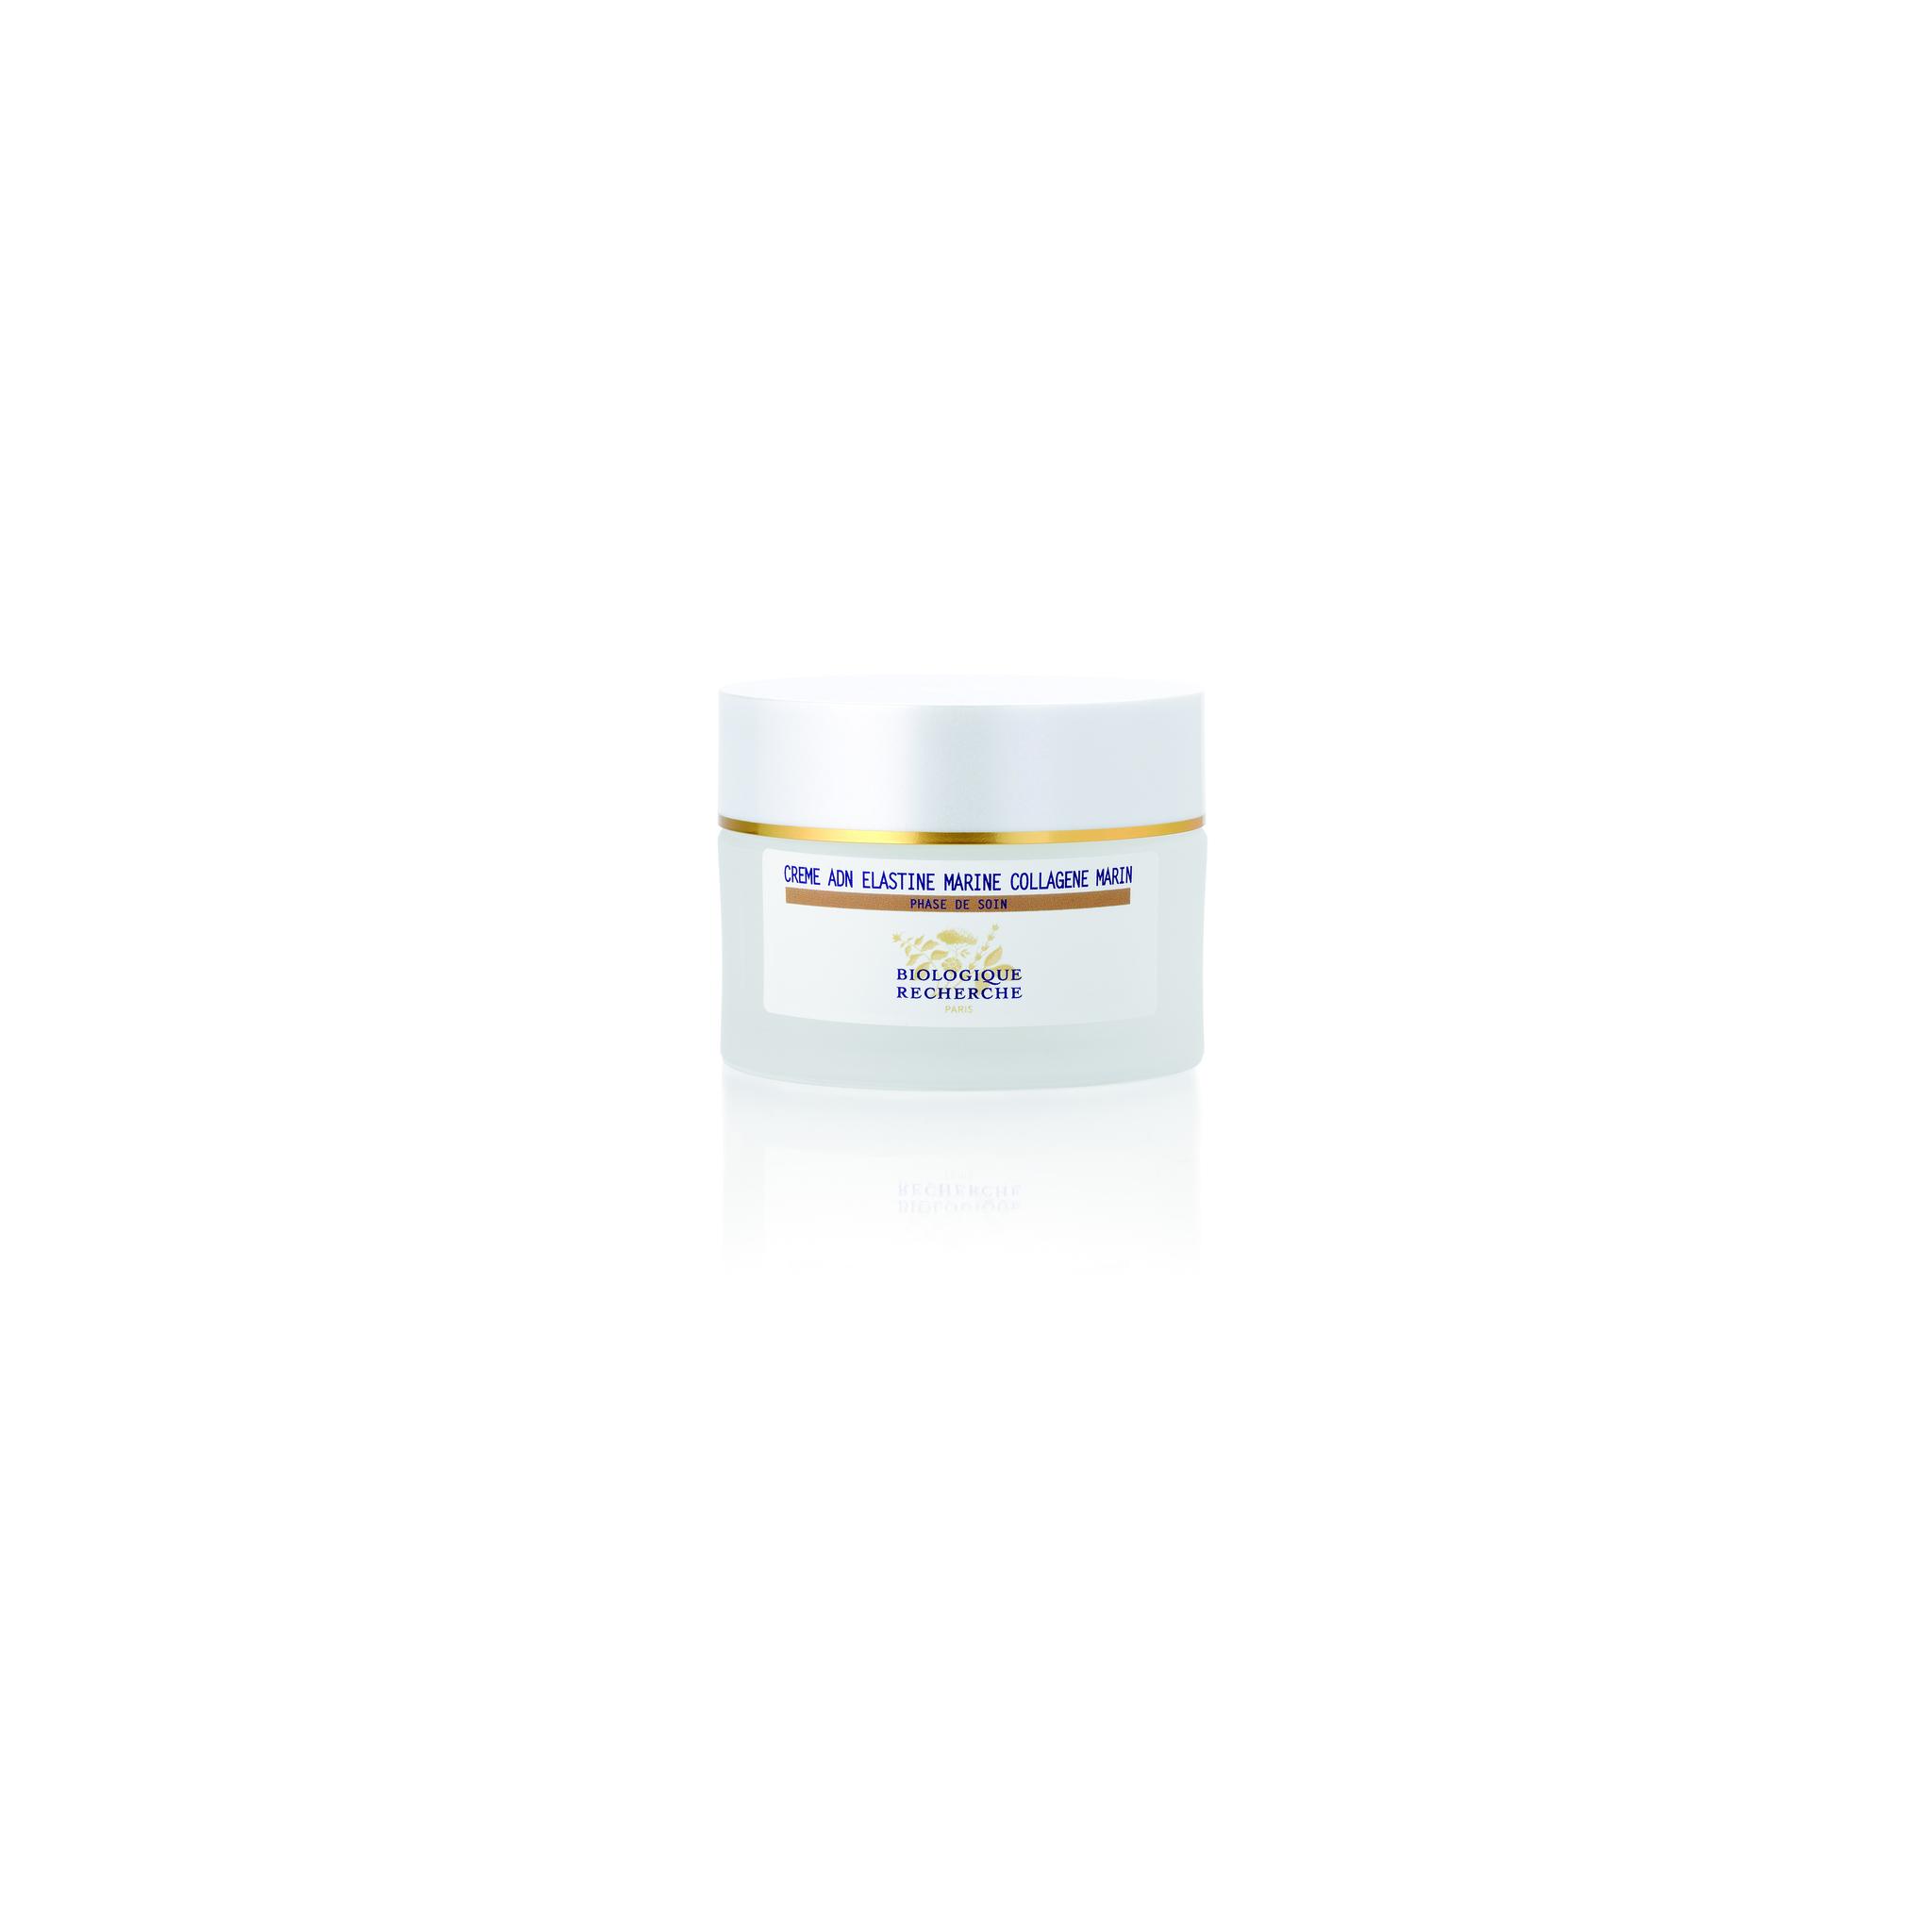 Крем реструктурирующий омолаживающий для лица BIOLOGIQUE RECHERCHE Elastine/Collagene Marin 50 мл